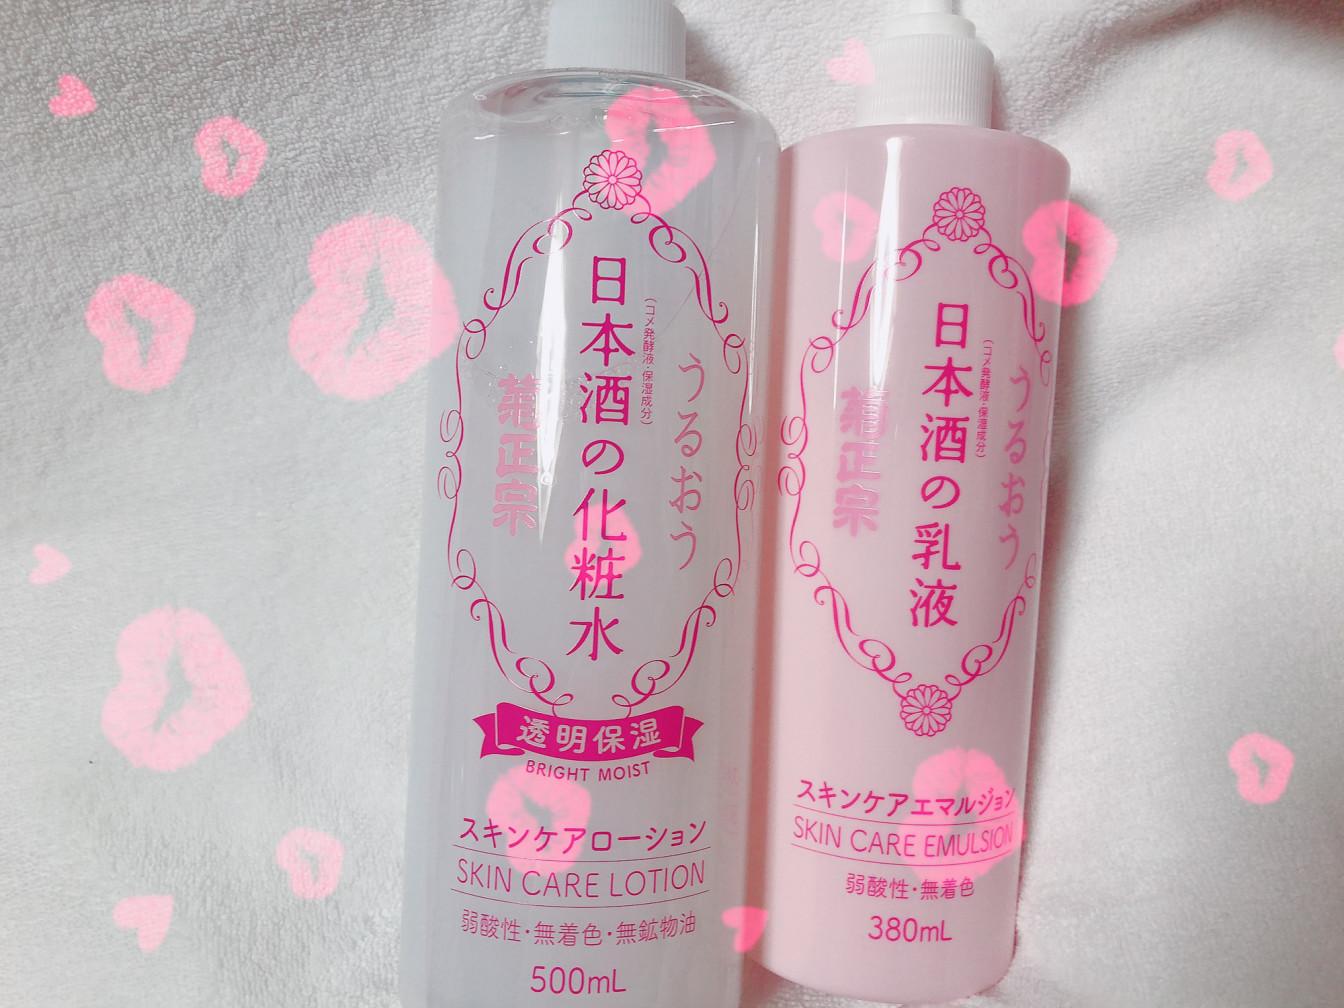 うるうる肌になれる❤︎日本酒の化粧水🍶